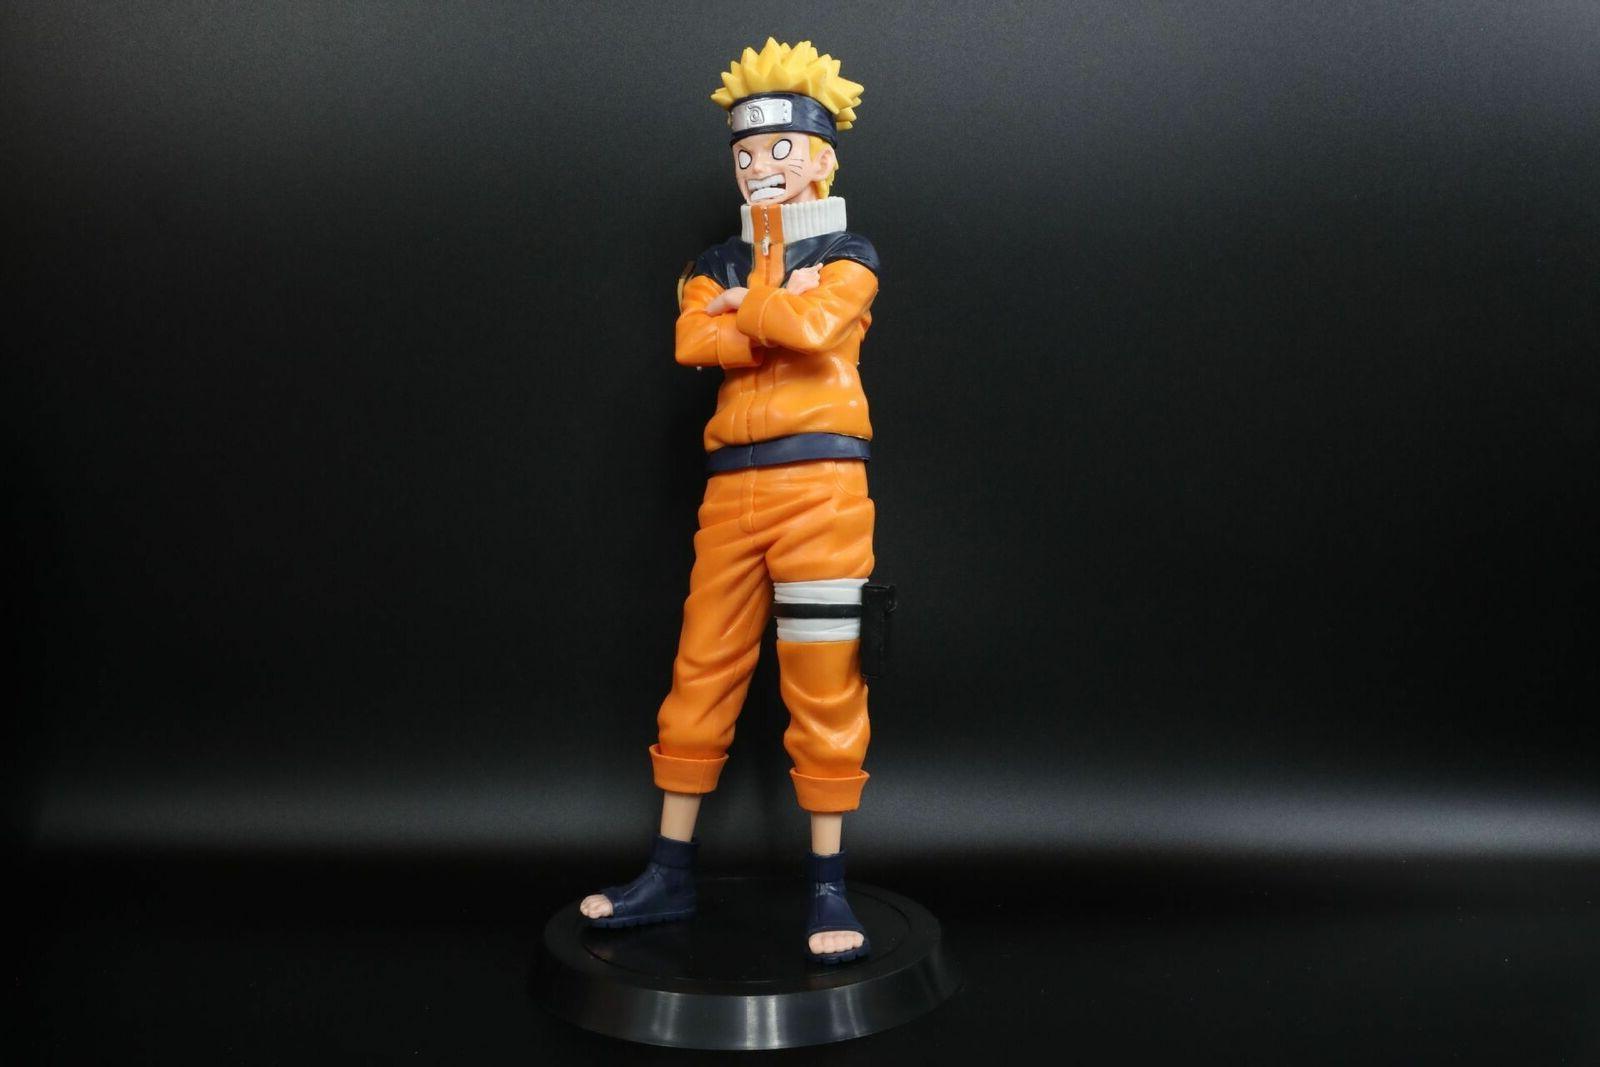 Naruto Grown Naruto 2 Styles Figures